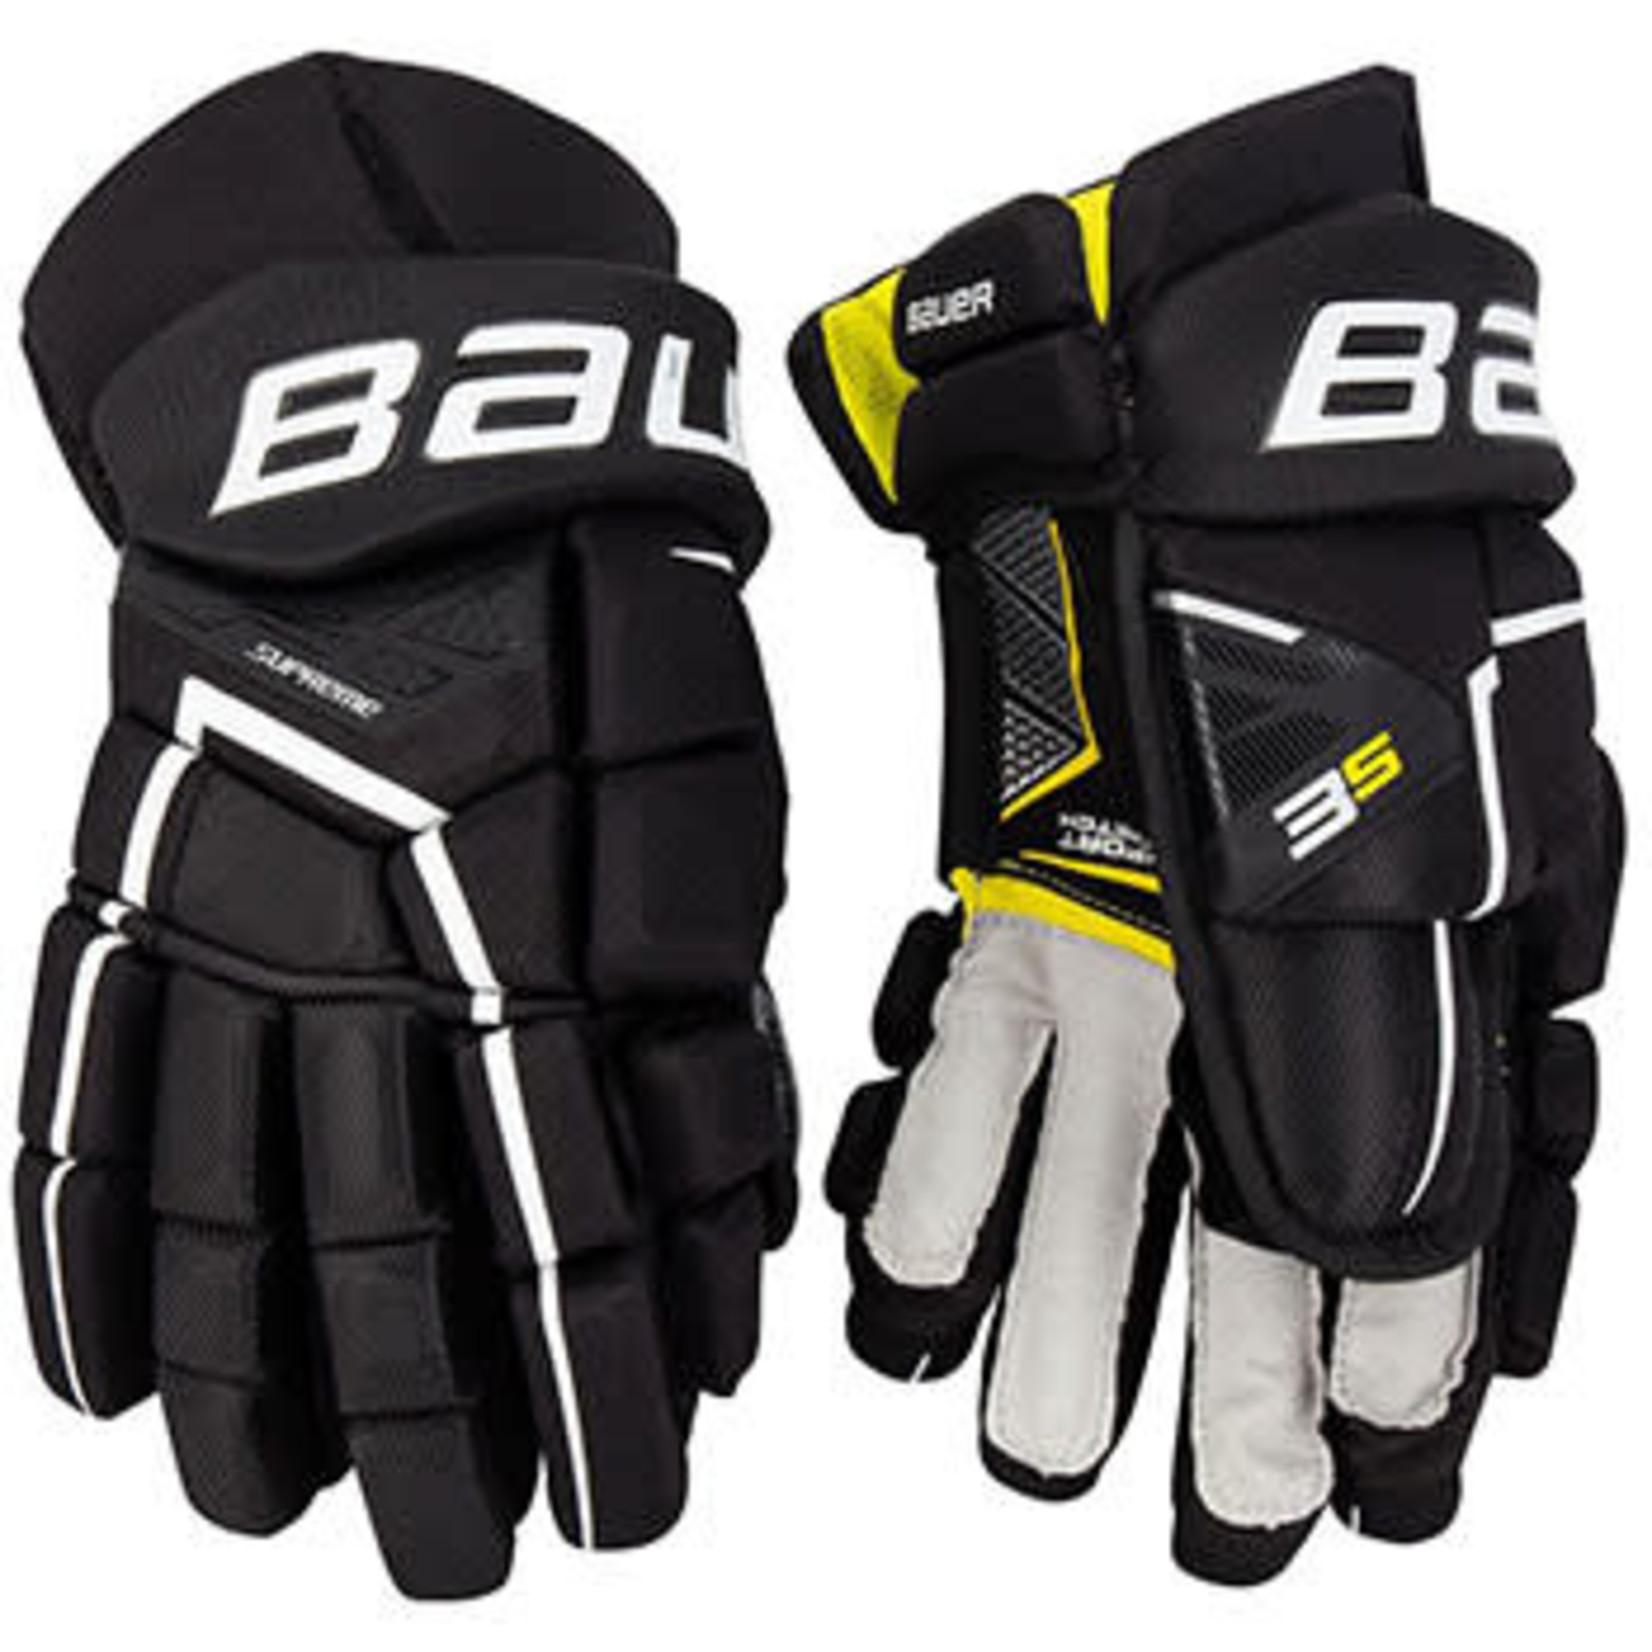 Bauer Bauer Hockey Gloves, Supreme 3S, Intermediate